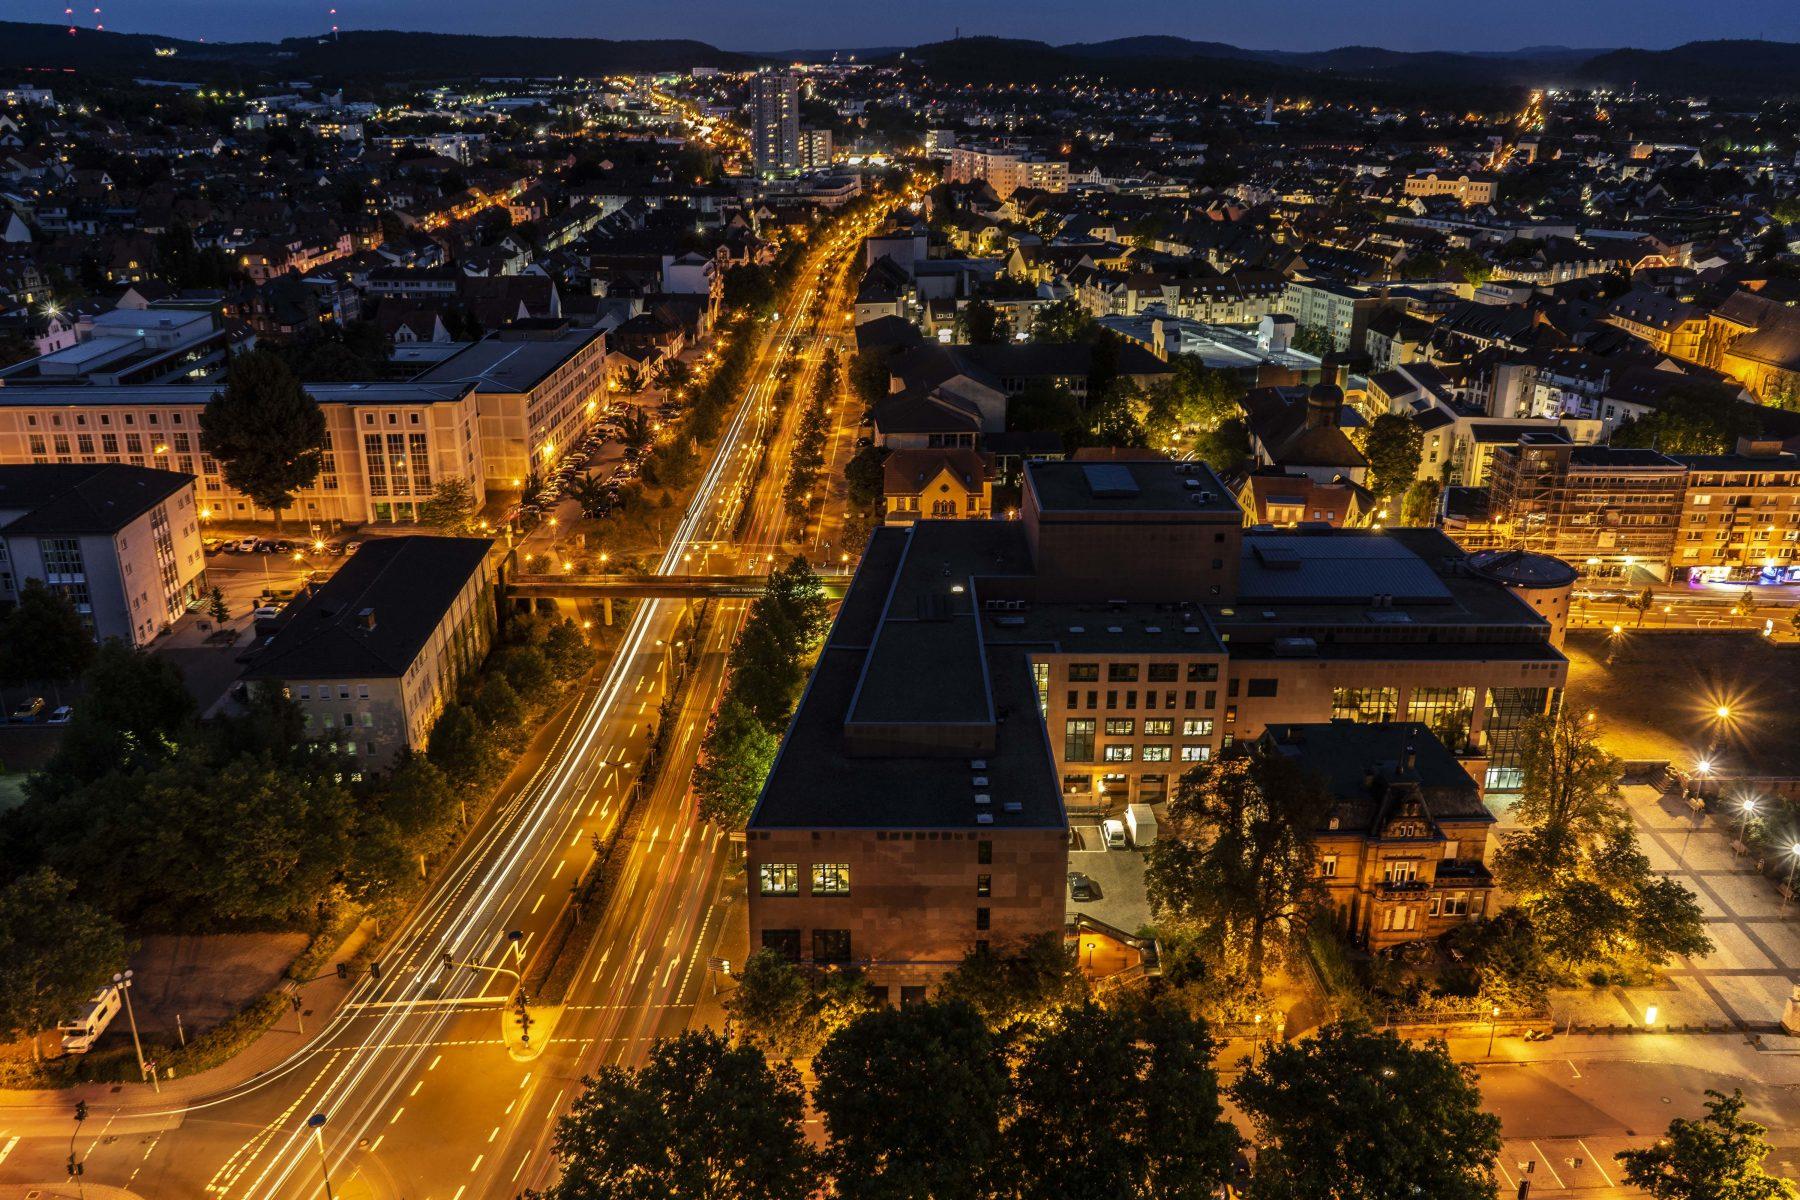 night shot long exposure of kaiserslautern city germany